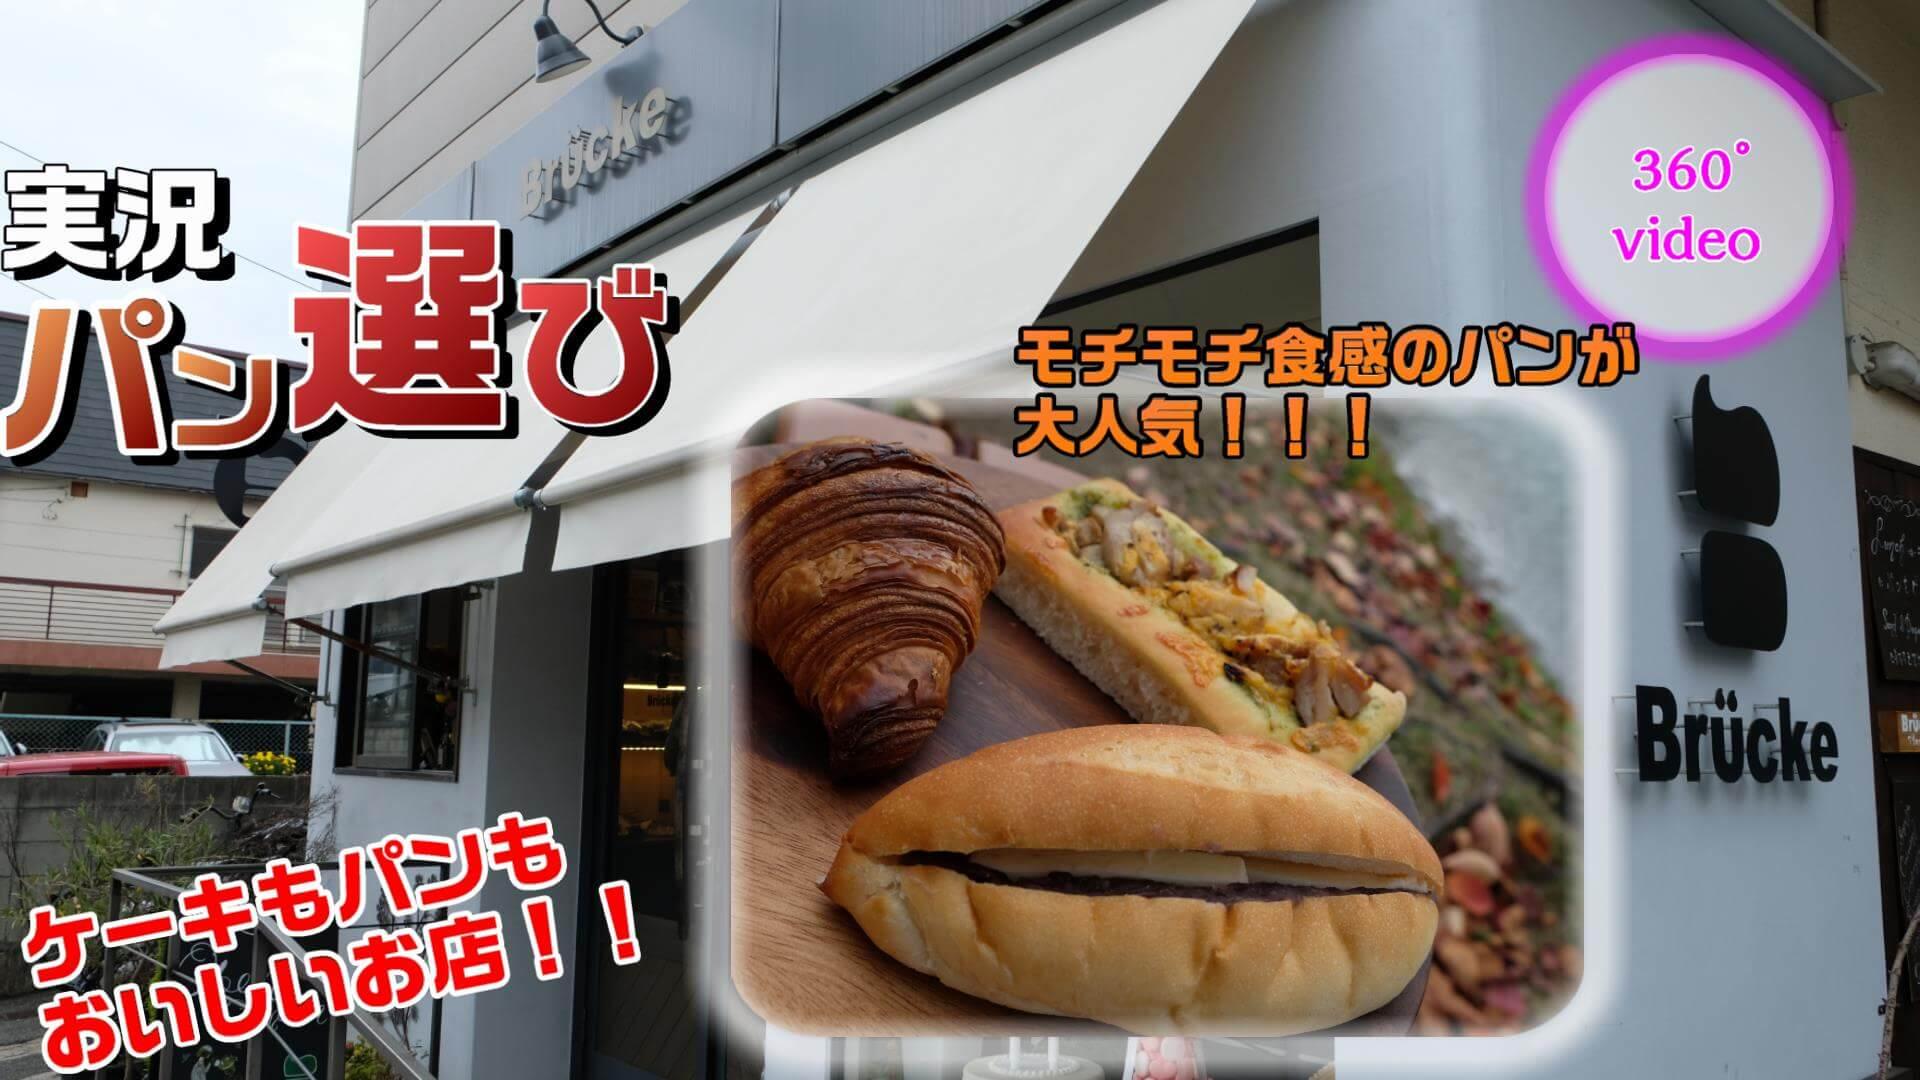 【広島のパン屋巡り】Brücke (ブリュッケ) @広島市 パンとケーキの二刀流!【パン屋巡りNo.8】